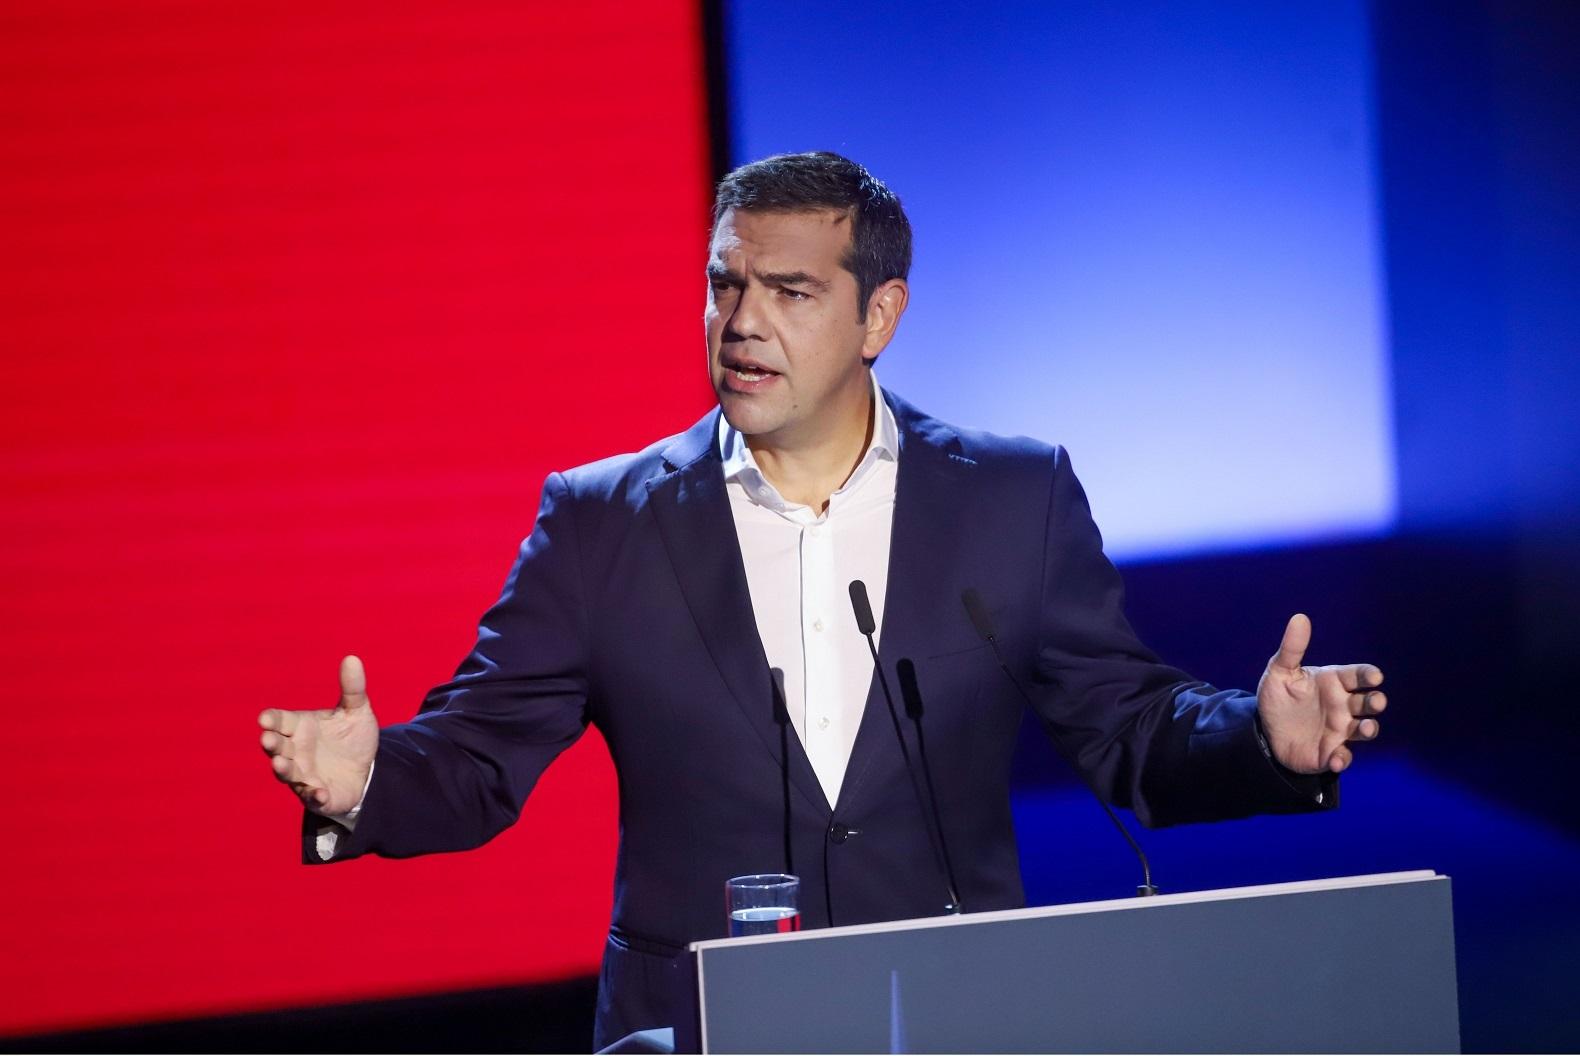 Αλέξης Τσίπρας LIVE η συνέντευξη Τύπου του προέδρου του ΣΥΡΙΖΑ στο Thessaloniki Helexpo Forum (Βίντεο)